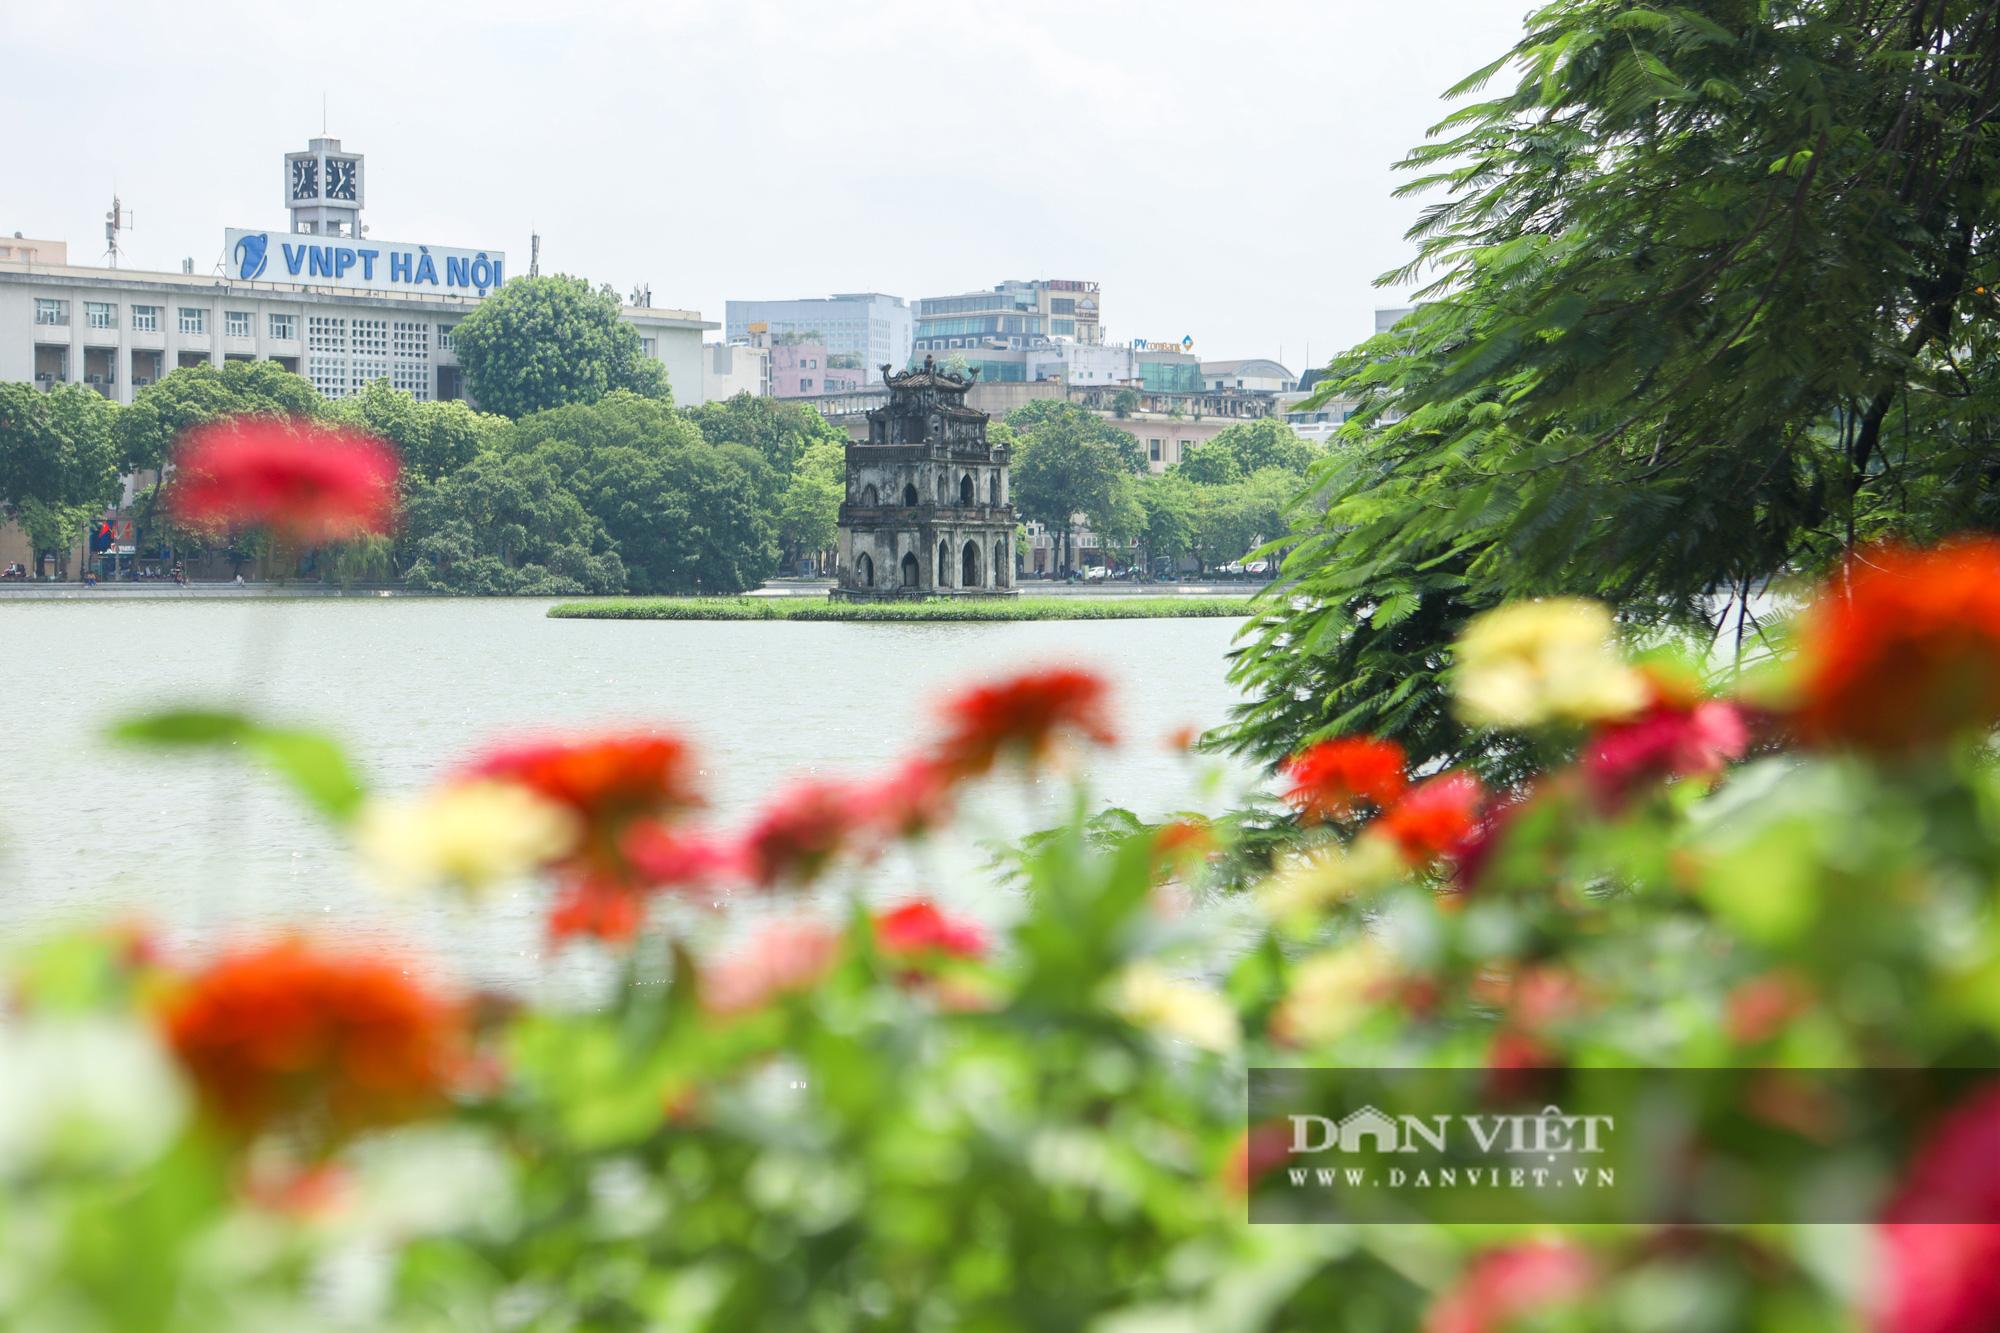 Chiêm ngưỡng vườn hoa mới đẹp ngỡ ngàng bên bờ hồ Hoàn Kiếm  - Ảnh 14.